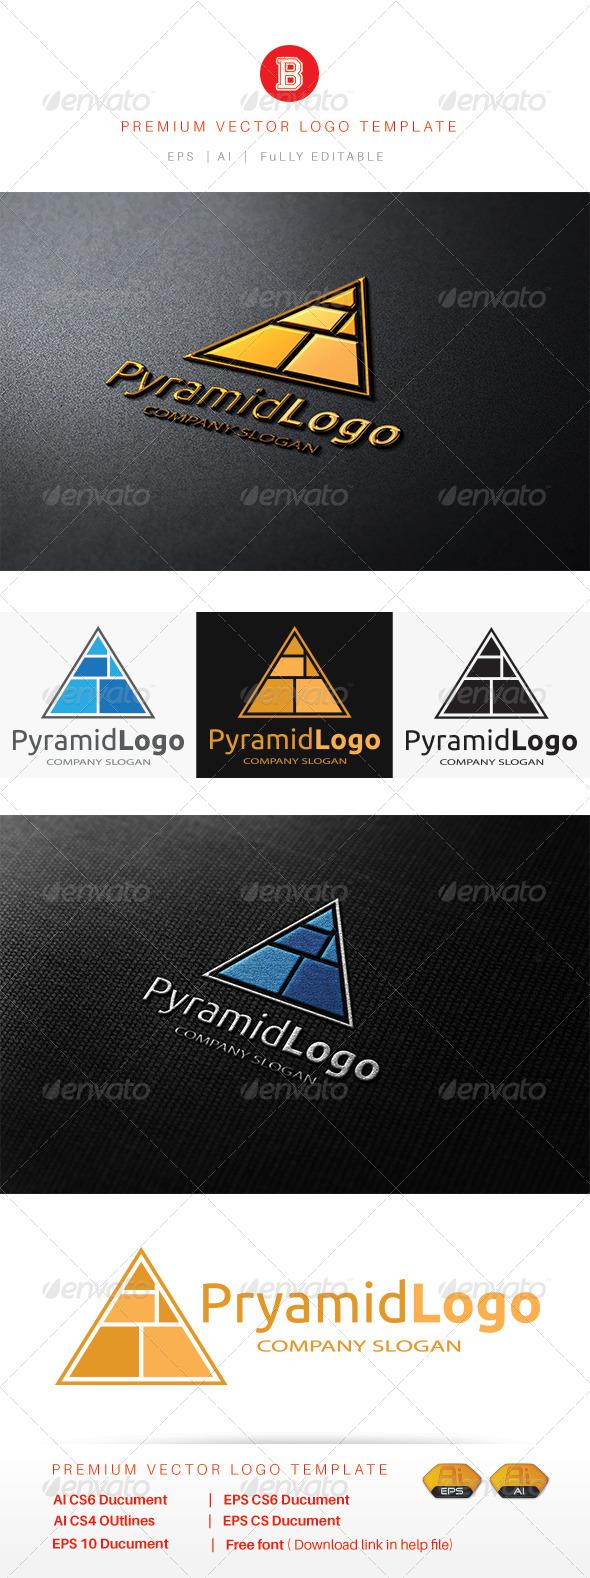 GraphicRiver Pyramid Logo 8515420